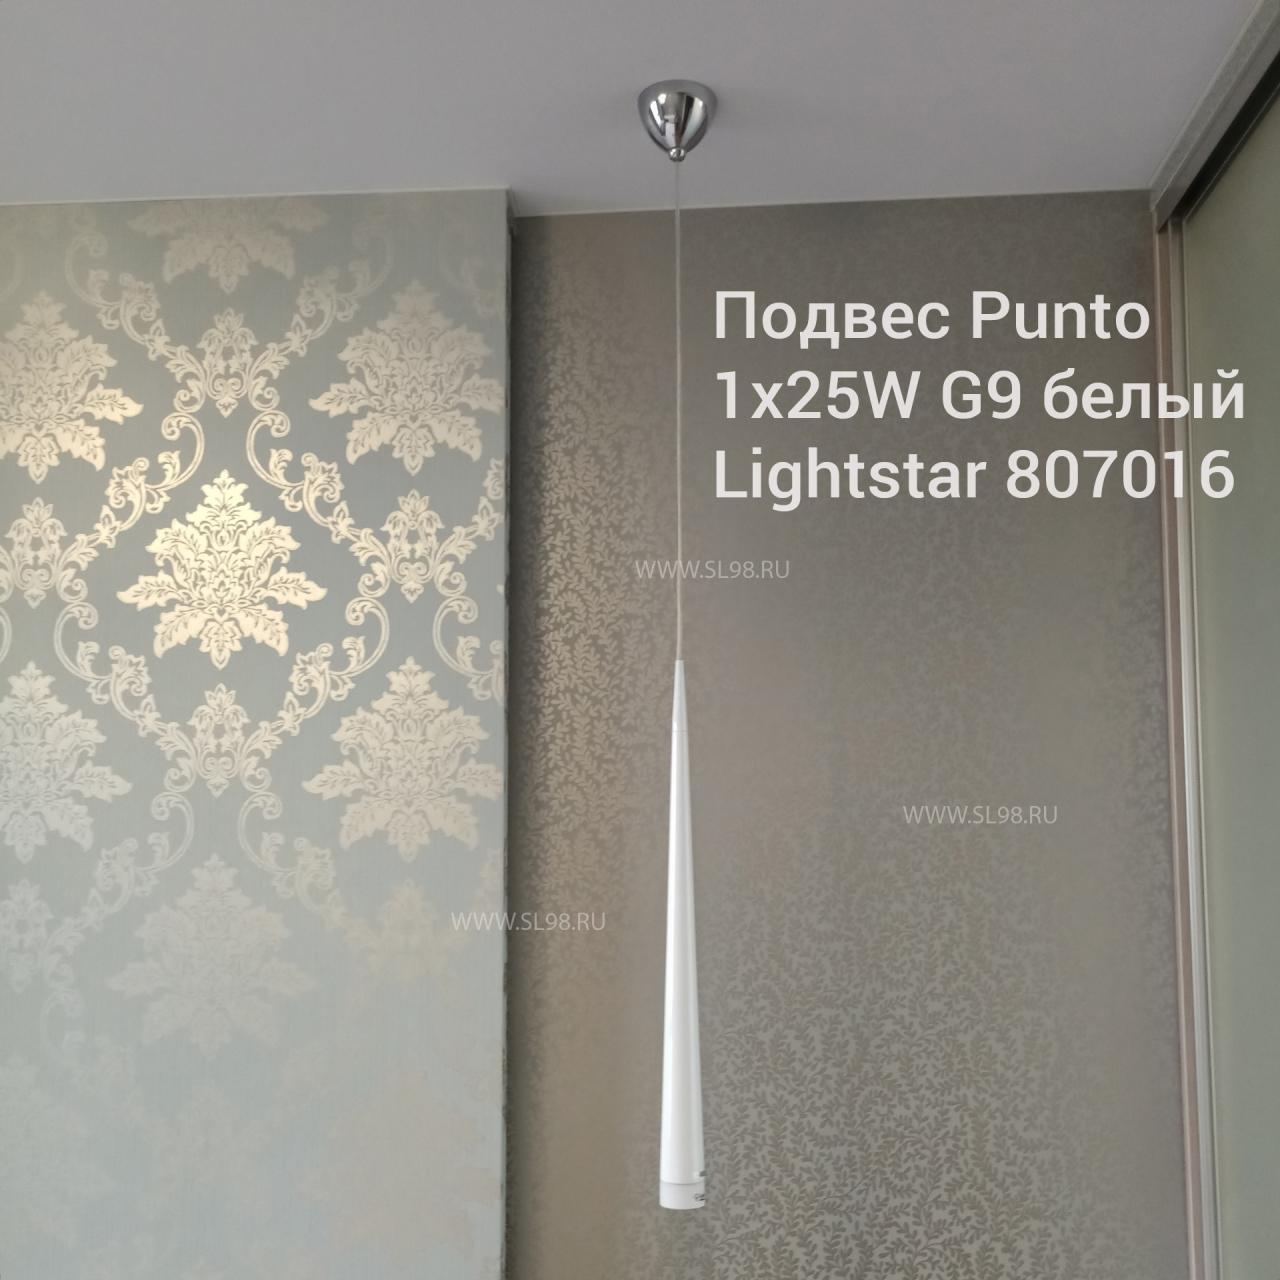 Подвес в интерьере: Подвес Punto 1х25W G9 хром / белый Lightstar 807016